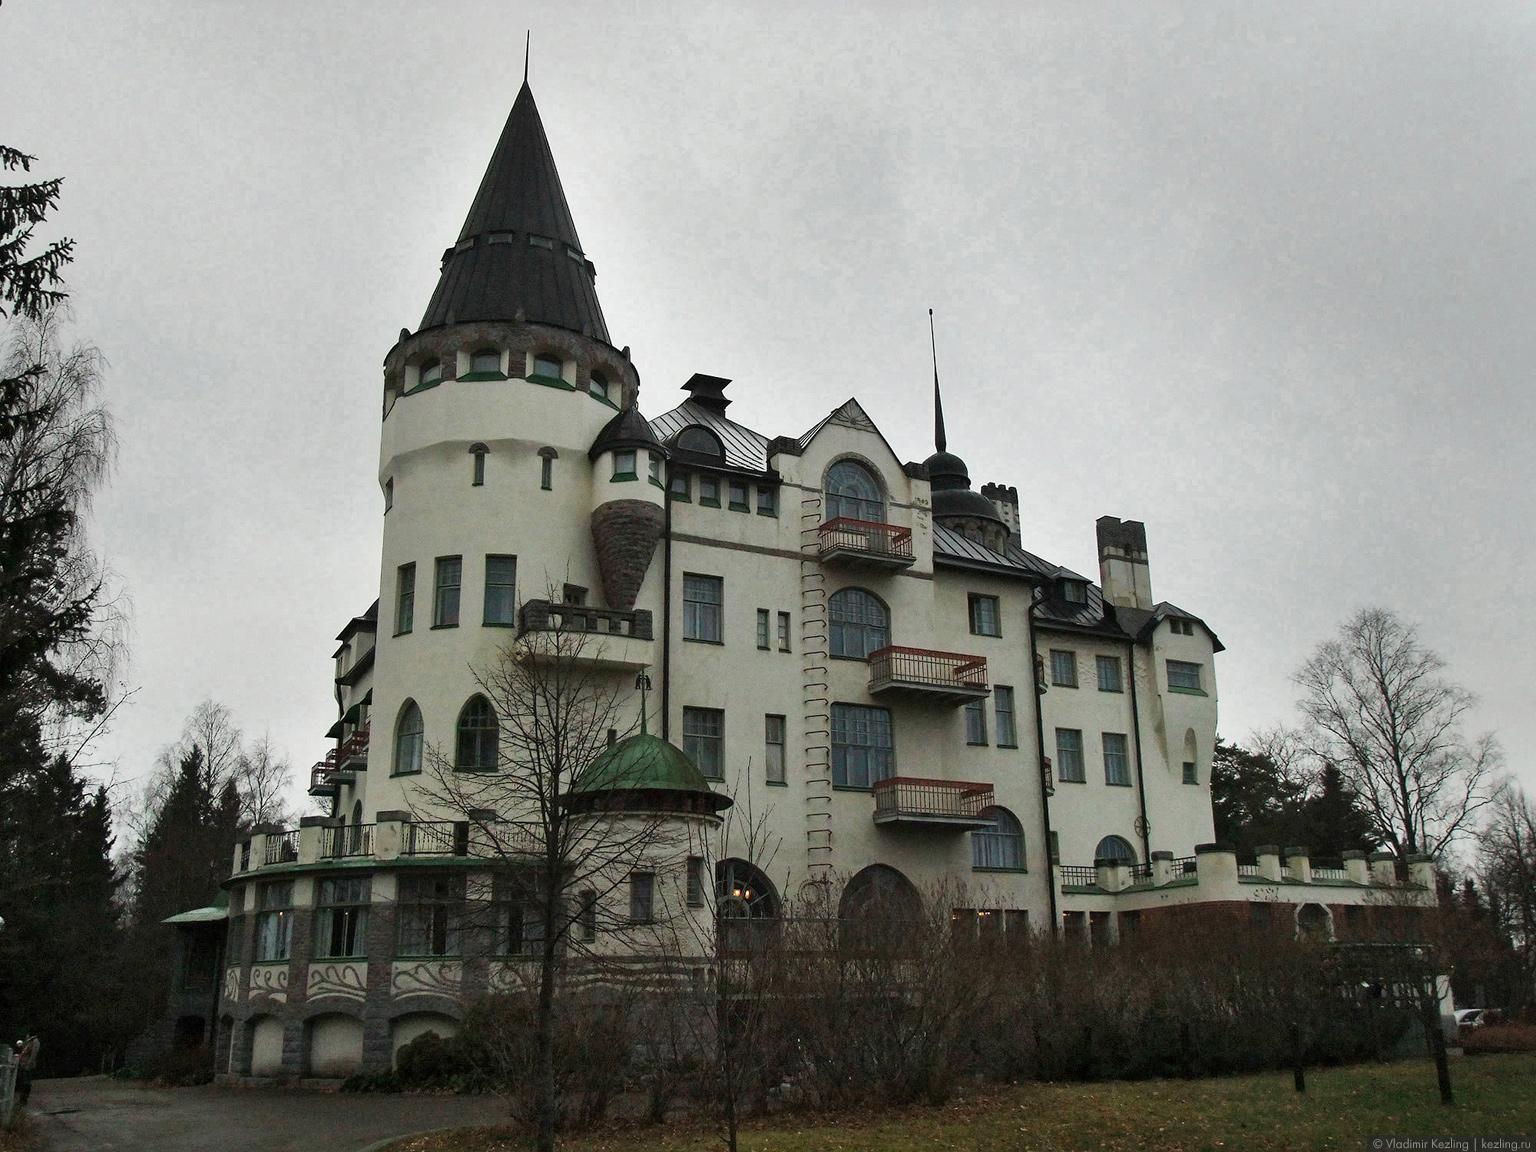 Valtionhotelli